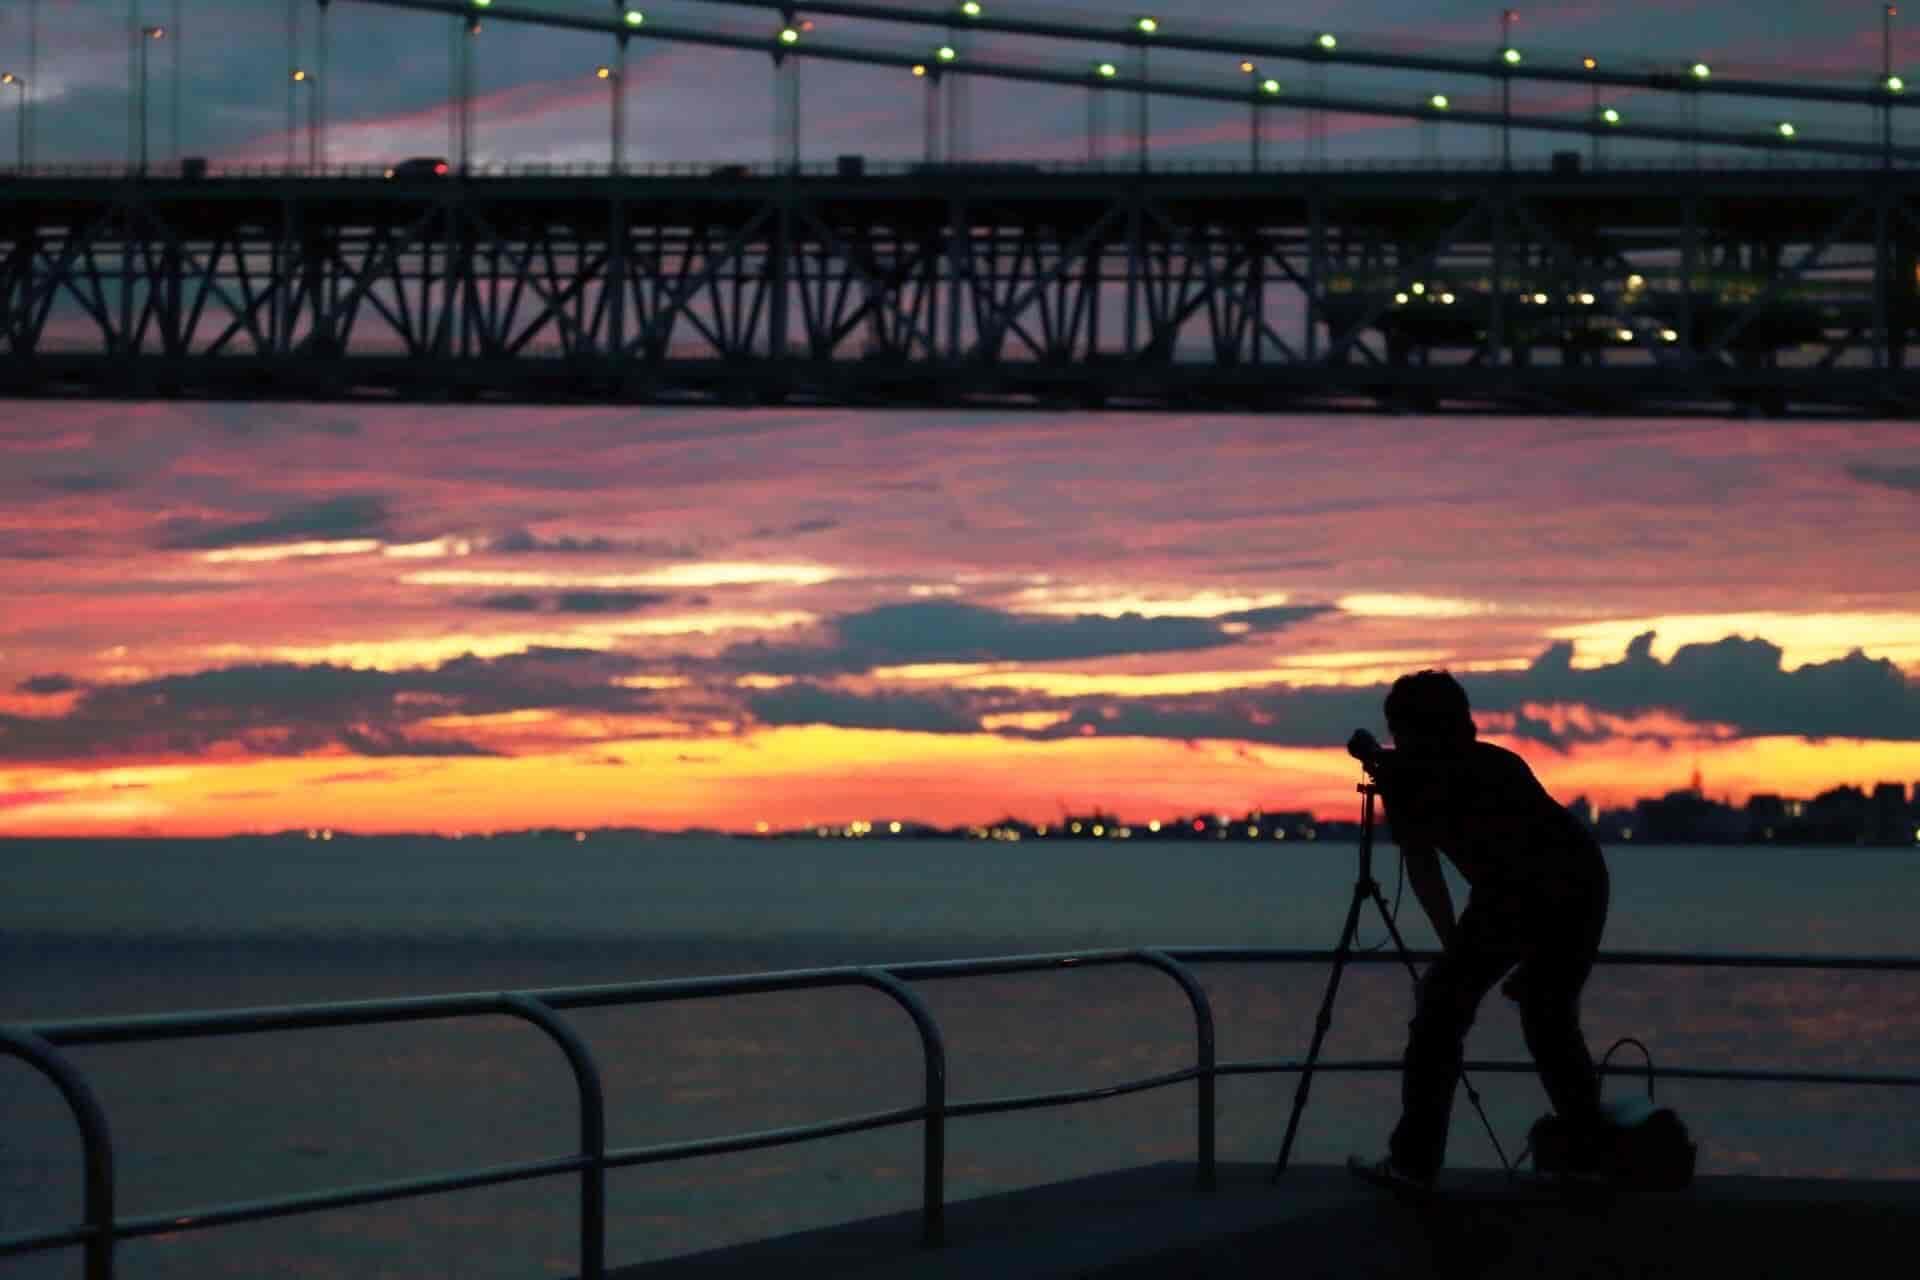 ラブ探偵事務所と他社の千葉県成田市での夜間暗視撮影